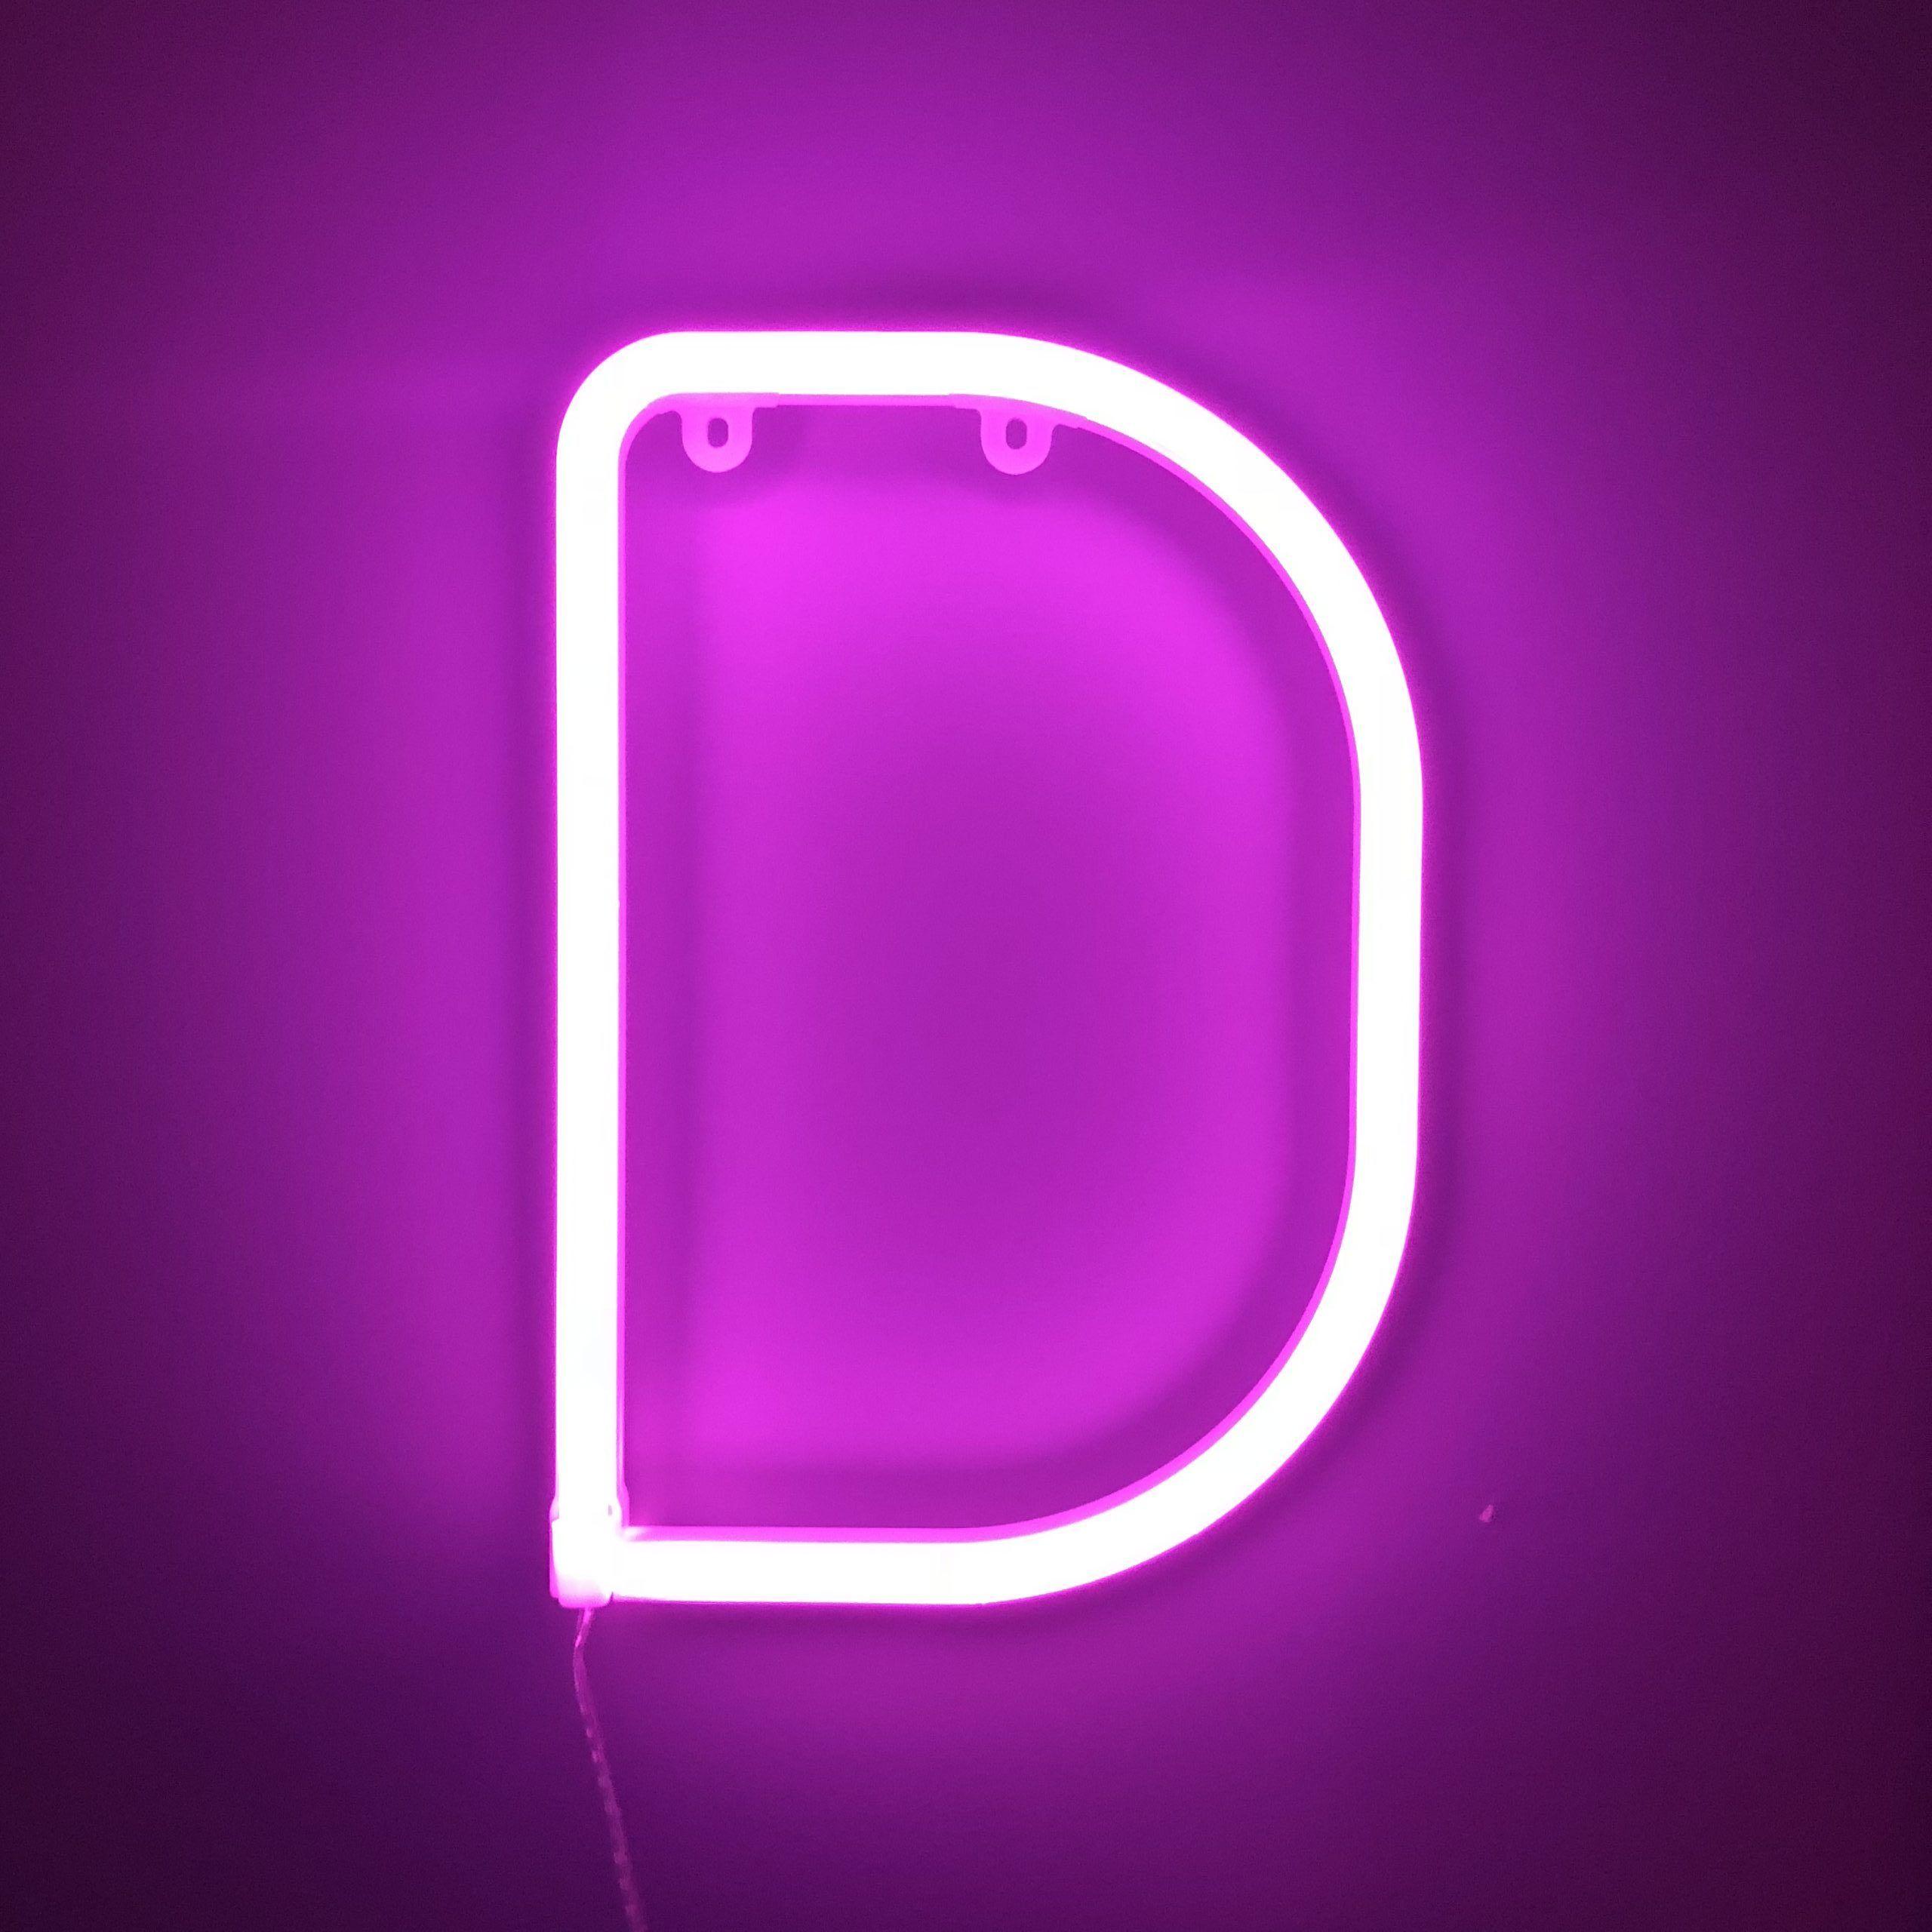 neon letter d pink wallpaper iphone neon neon letter lights neon wallpaper neon letter d pink wallpaper iphone